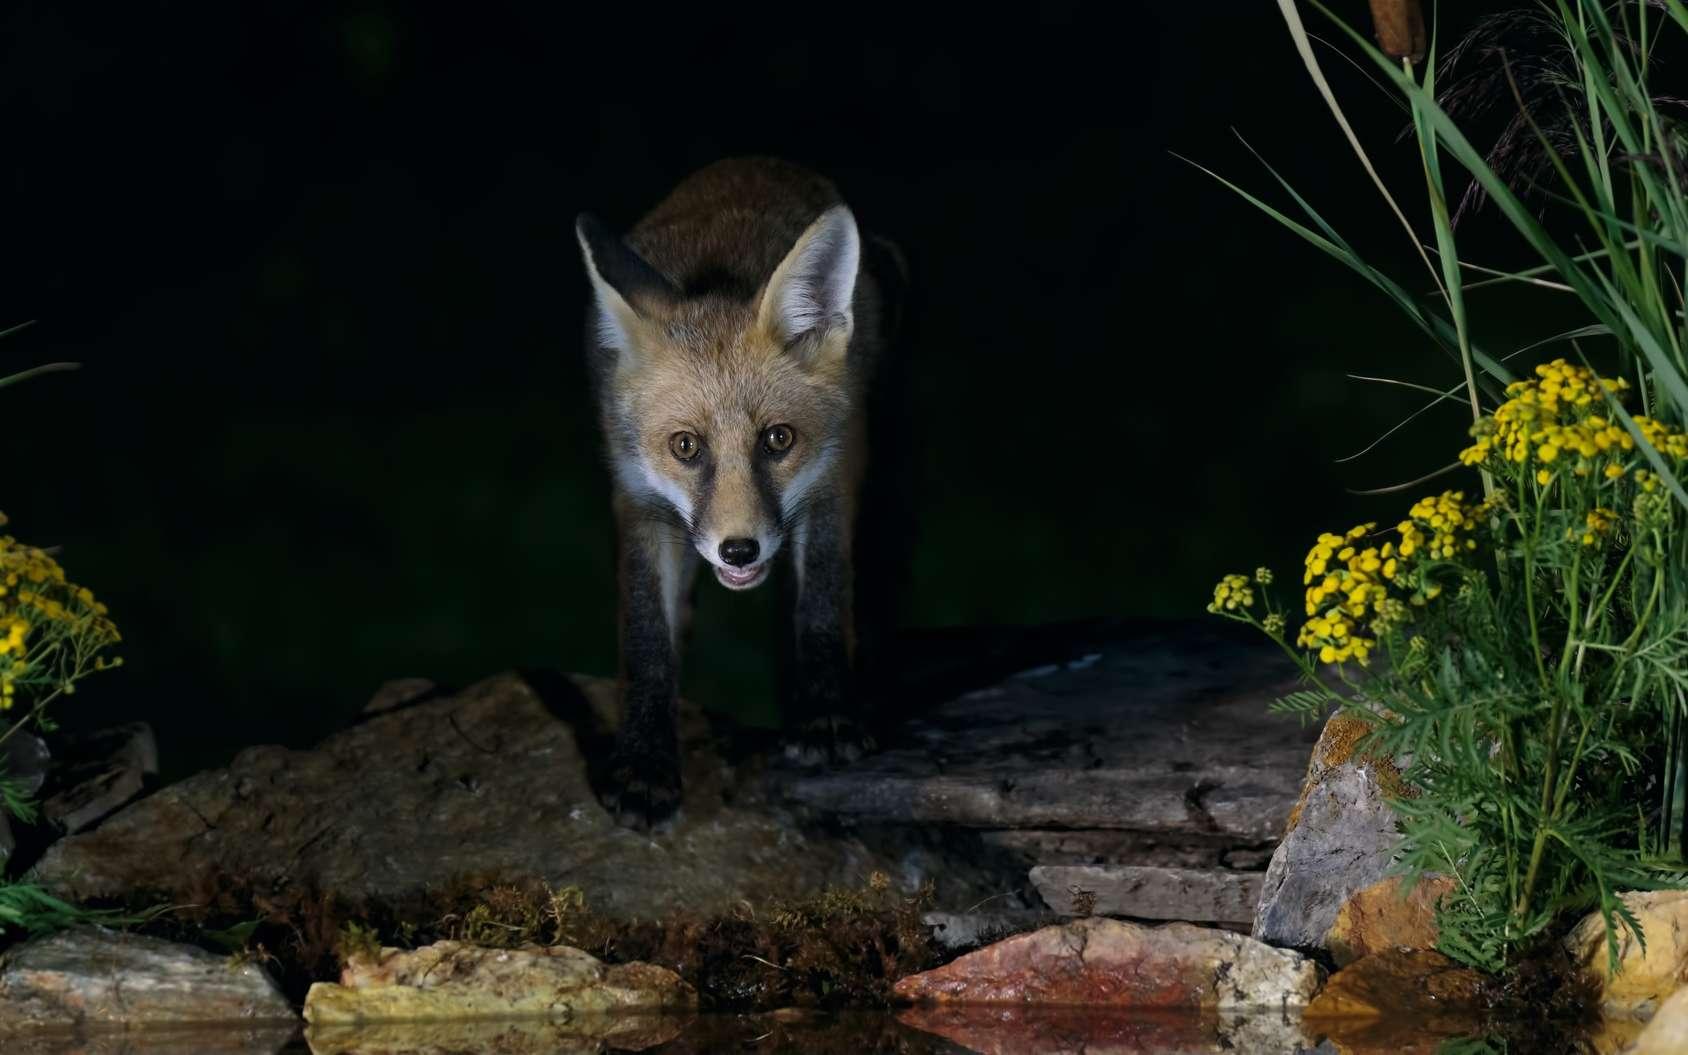 Certains animaux augmentent leur activité nocturne à cause de la présence humaine. © Simone, Fotolia